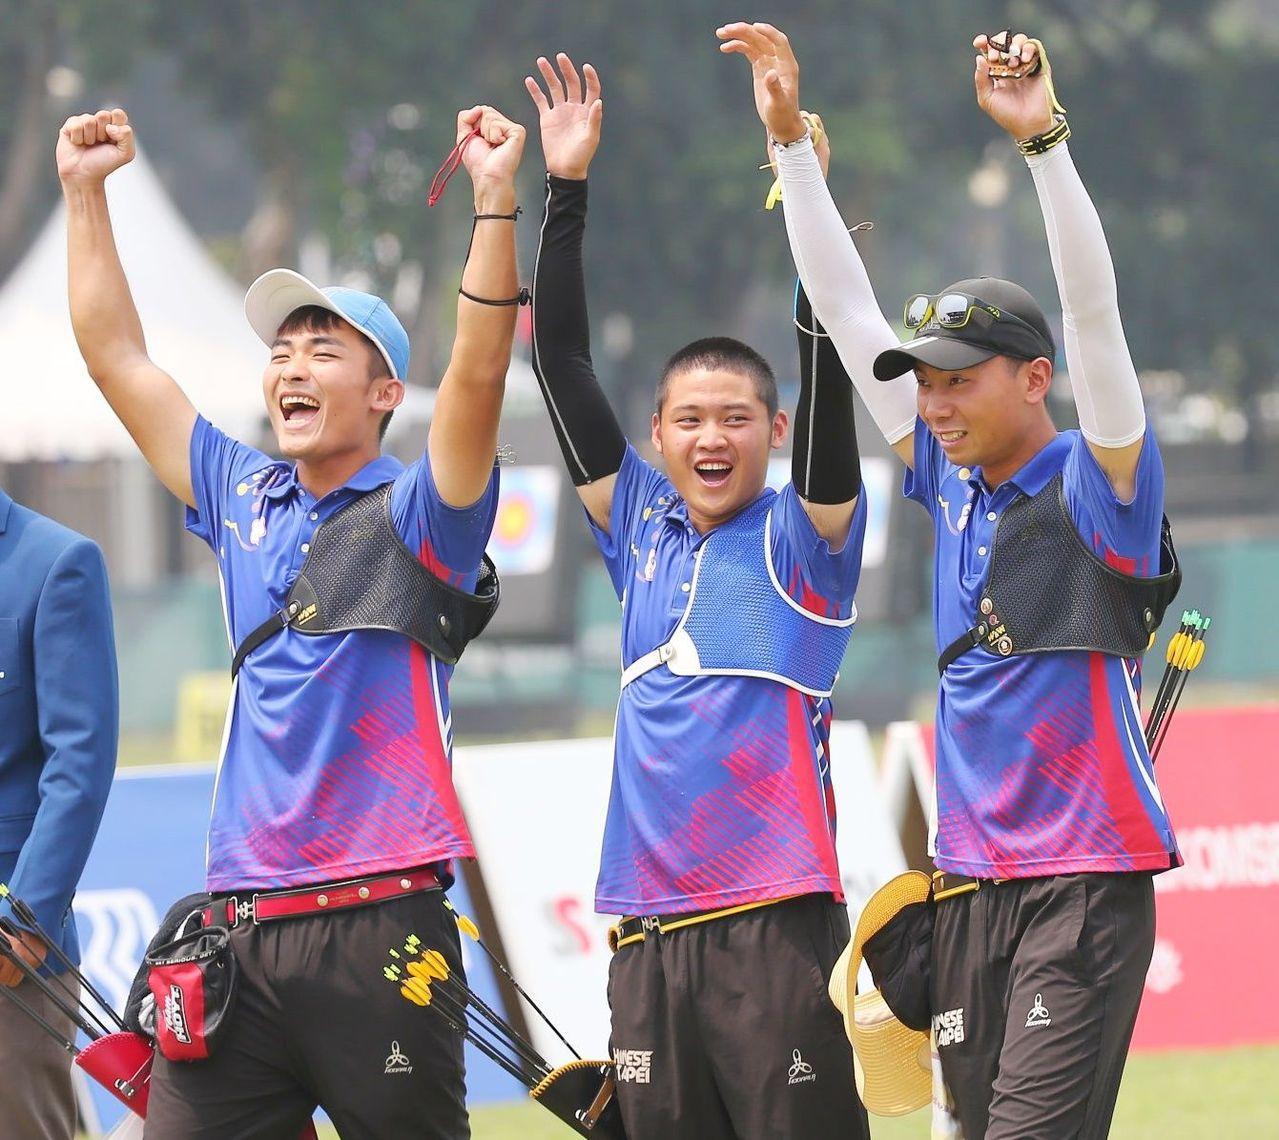 中華男子反曲弓射箭隊首度摘金,全隊振臂歡呼。特派記者陳正興/雅加達攝影